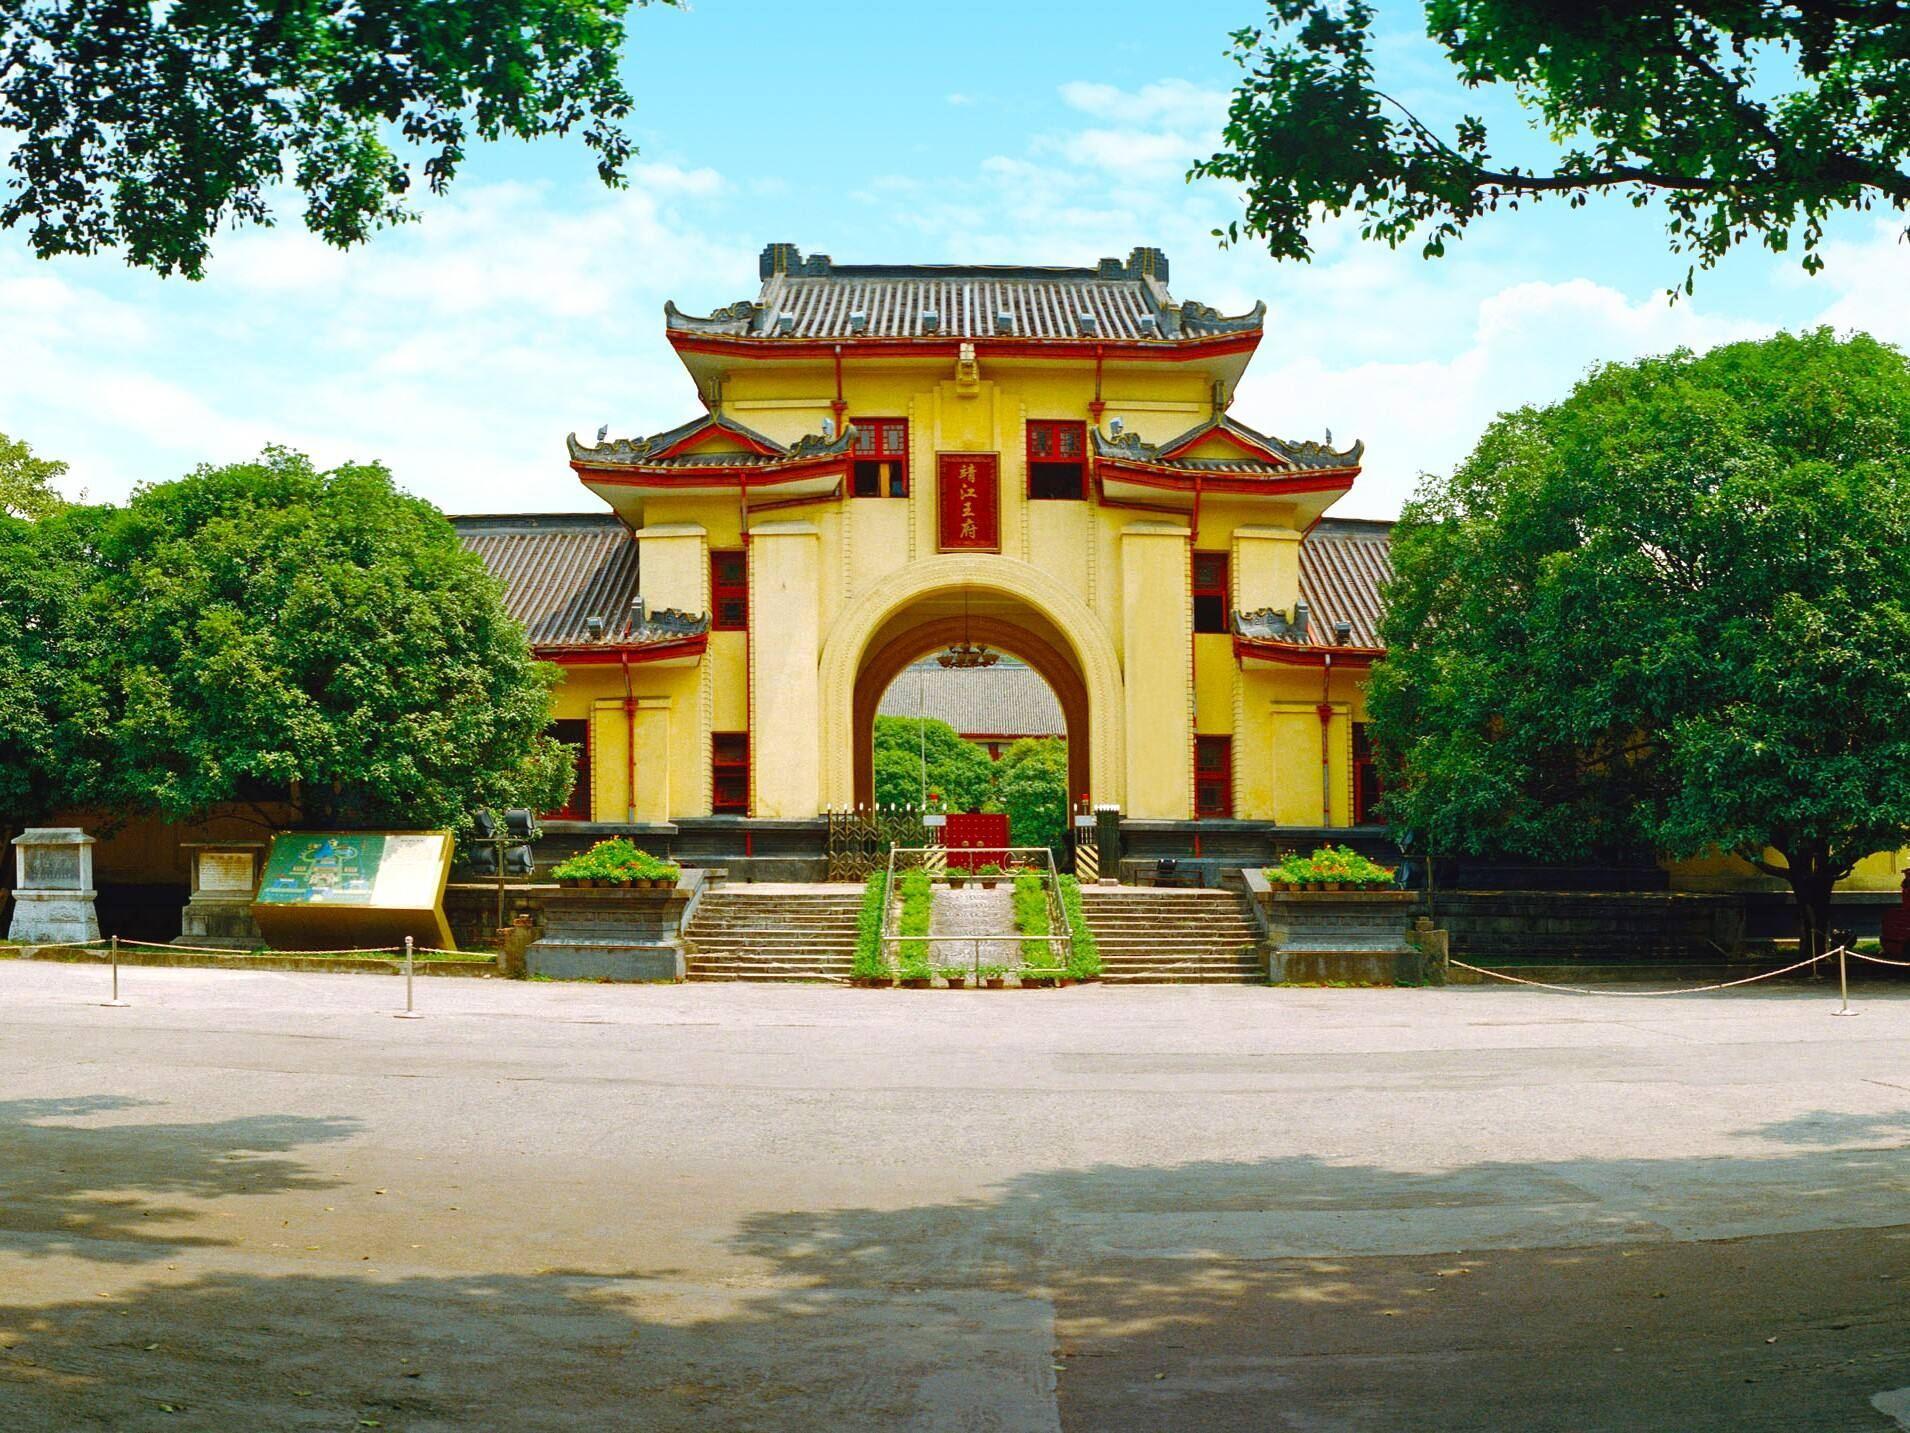 中国最长寿的省份:坐拥26个长寿之乡全国第一,人均寿命达77岁